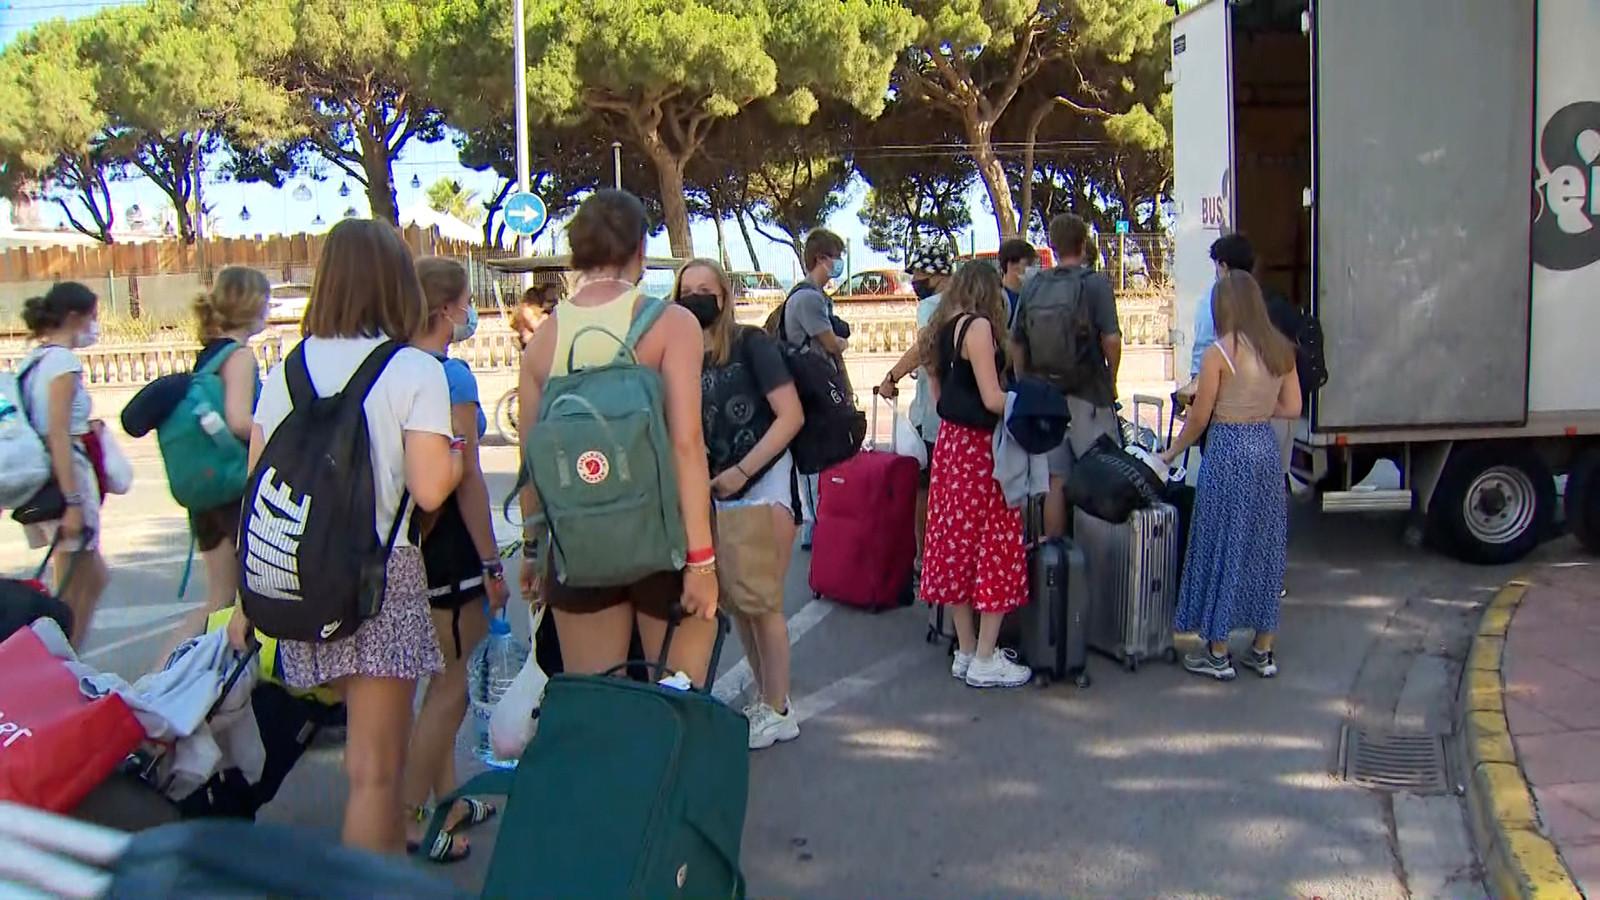 Bussen met besmette jongeren van Jongerentravel vertrekken vanuit Spanje.